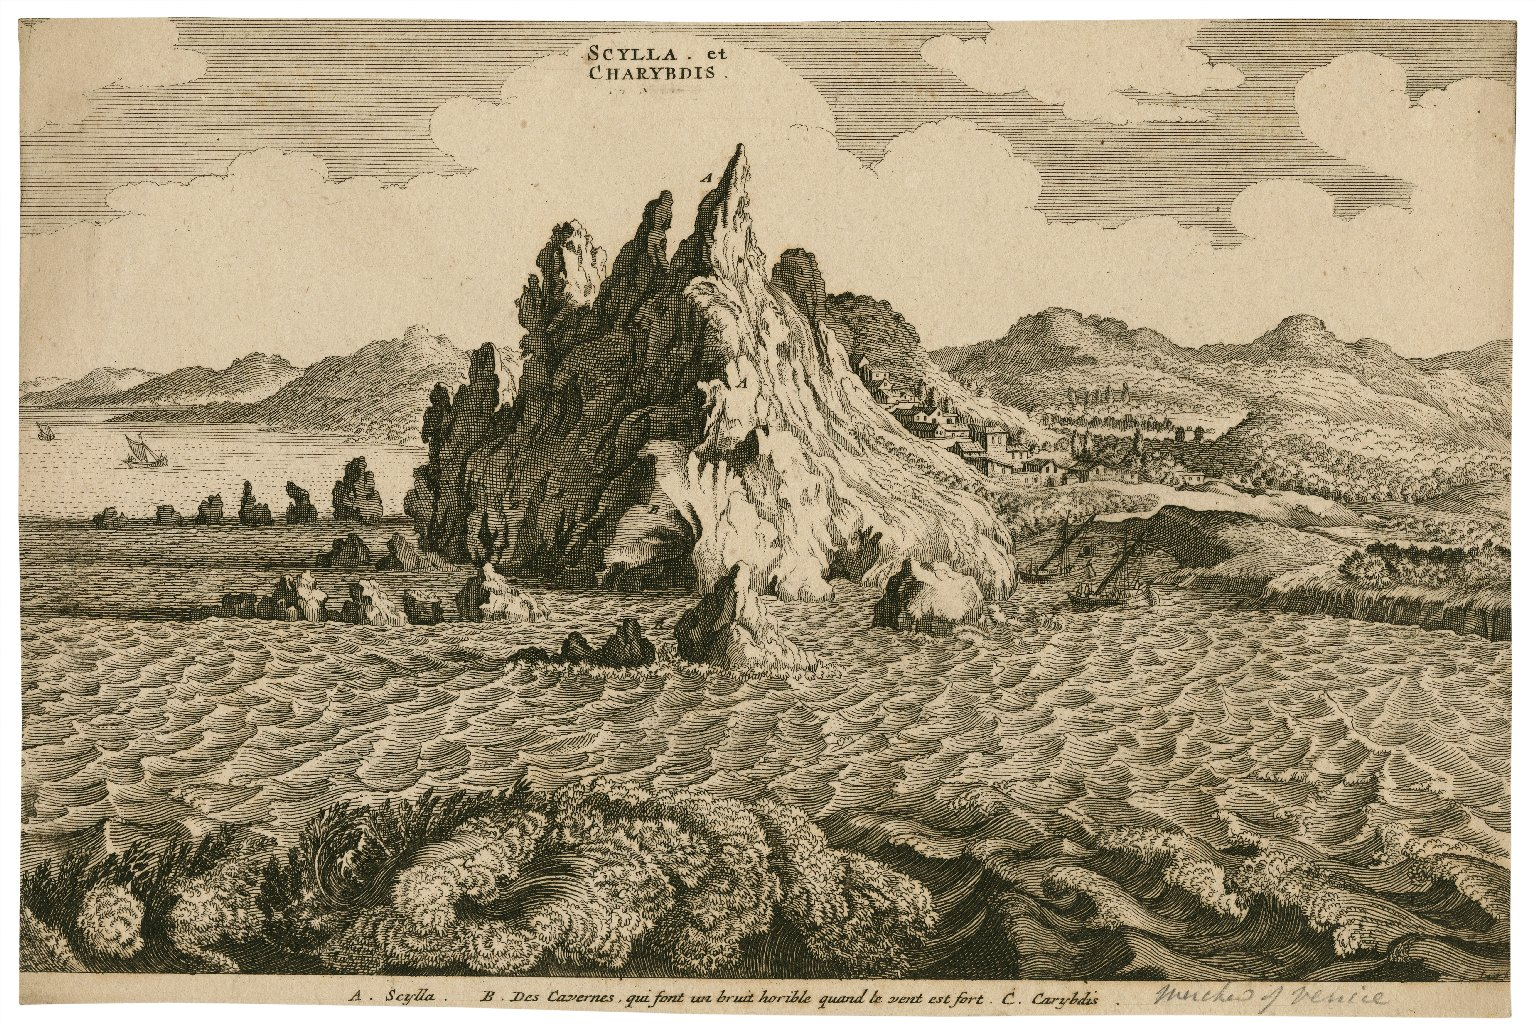 Scylla et Charybdis, A. Scylla, B. Des cavernes, qui sont un bruit horible quand le vent est fort, C. Carybdis [graphic] / [illegible signature].